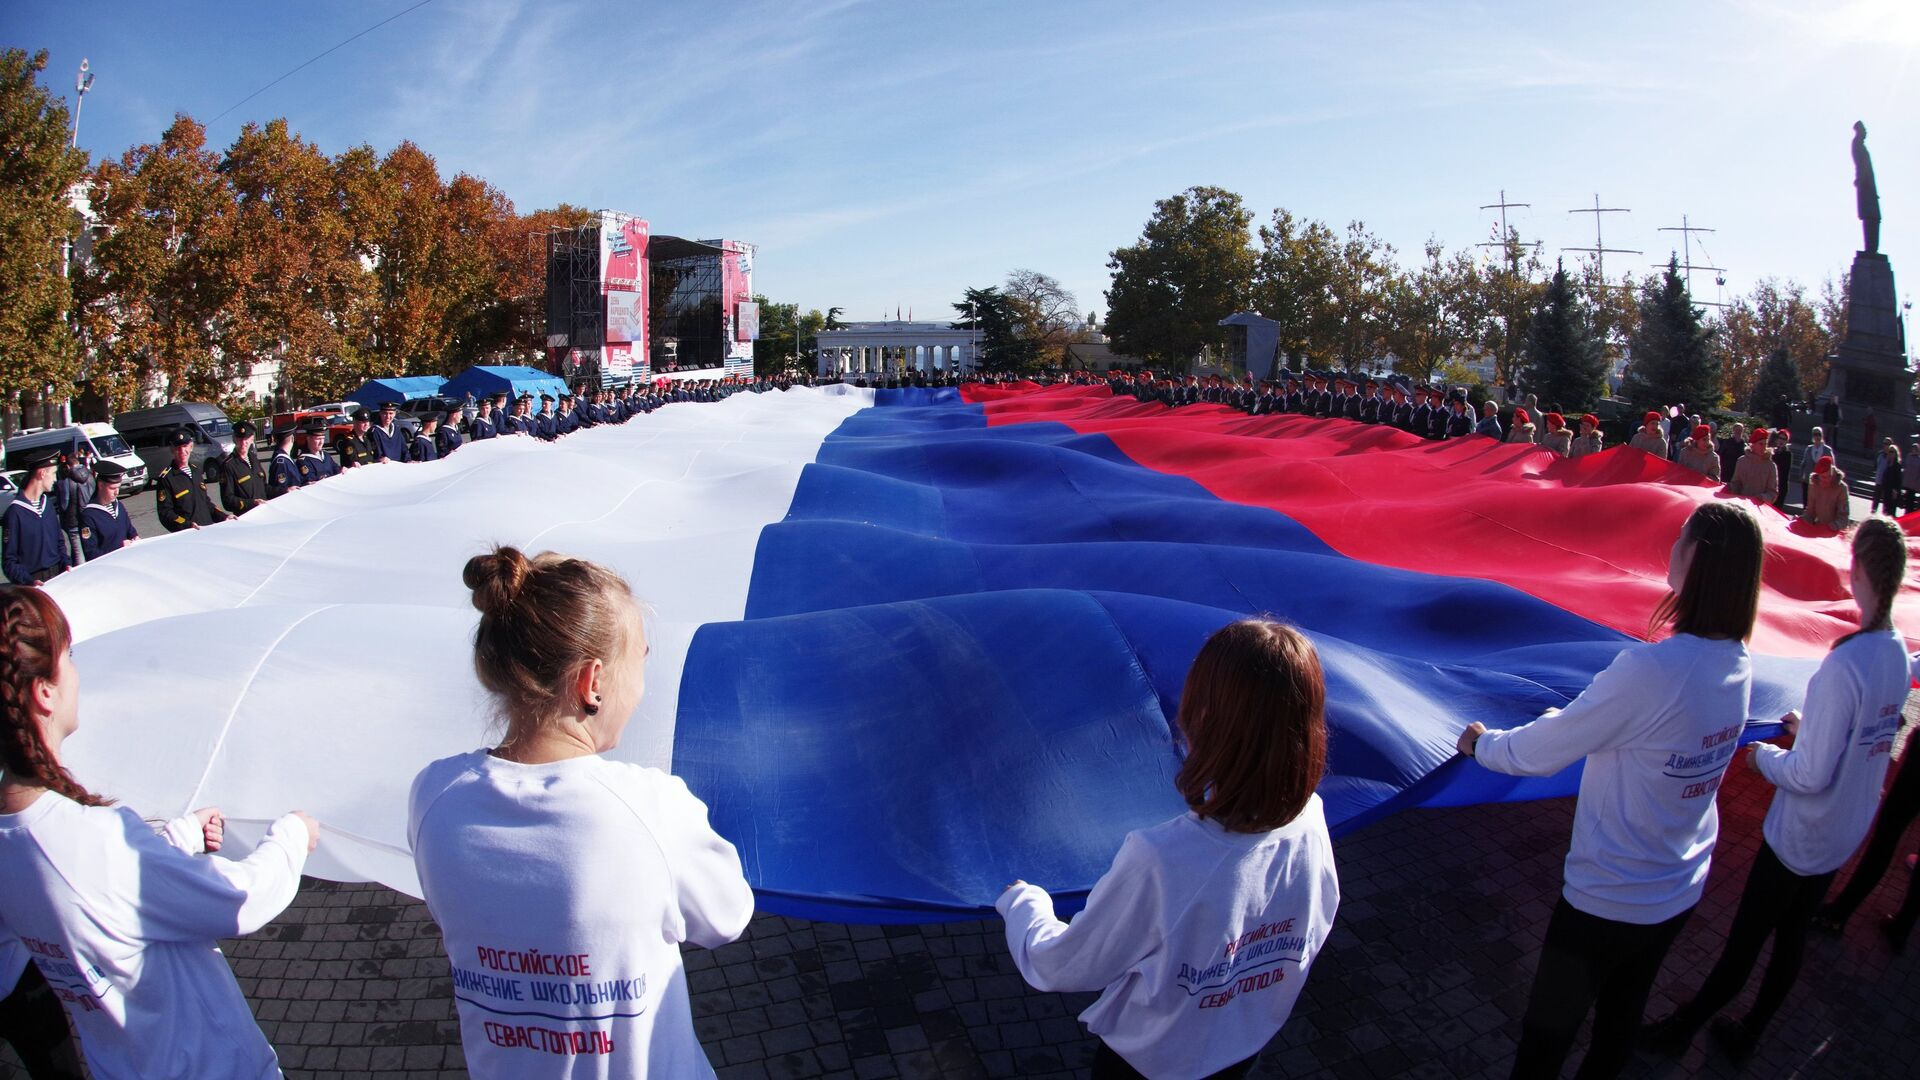 Участники акции Флаг моего государства, посвященного Дню народного единства в Севастополе - РИА Новости, 1920, 04.11.2020